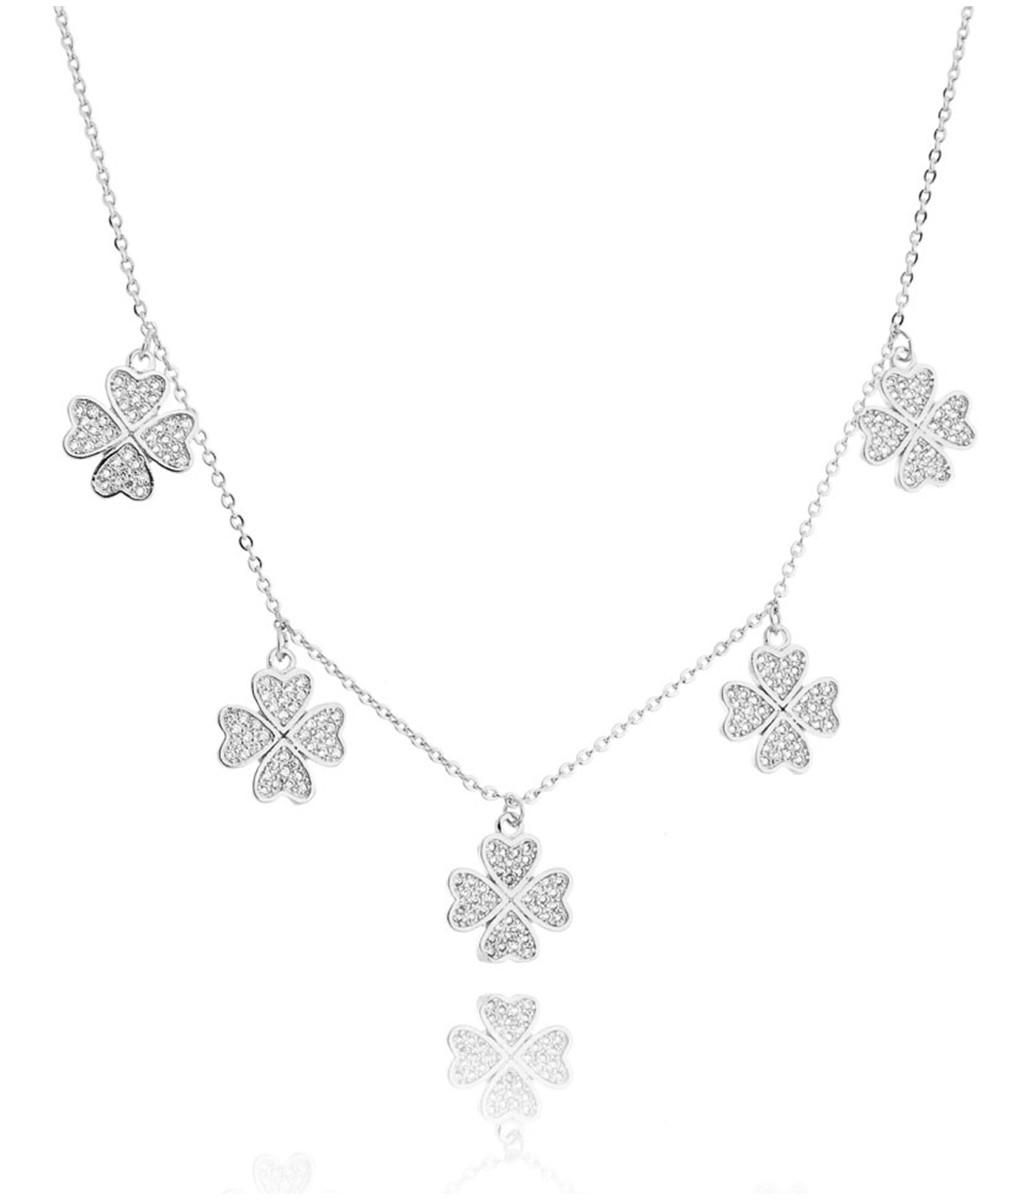 colar prata com trevos cravejados de zirconias semi joias modernas